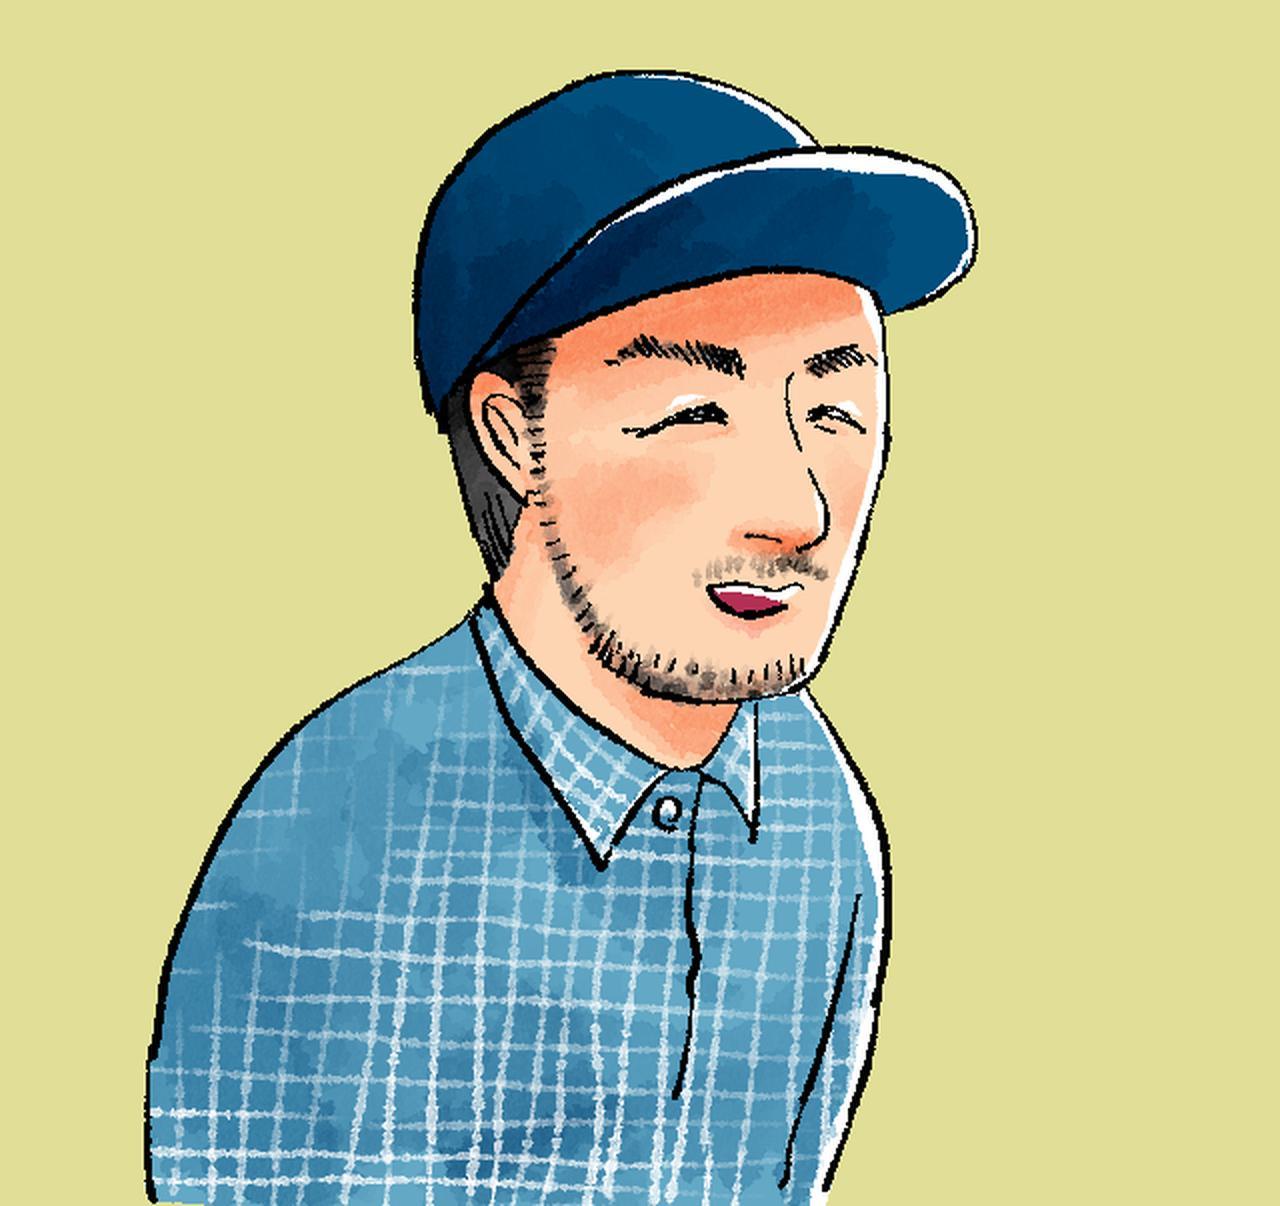 画像1: 意外と知らない冬キャンプの服装&防寒対策―キャンプ雑誌・fam_mag編集長に聞く!